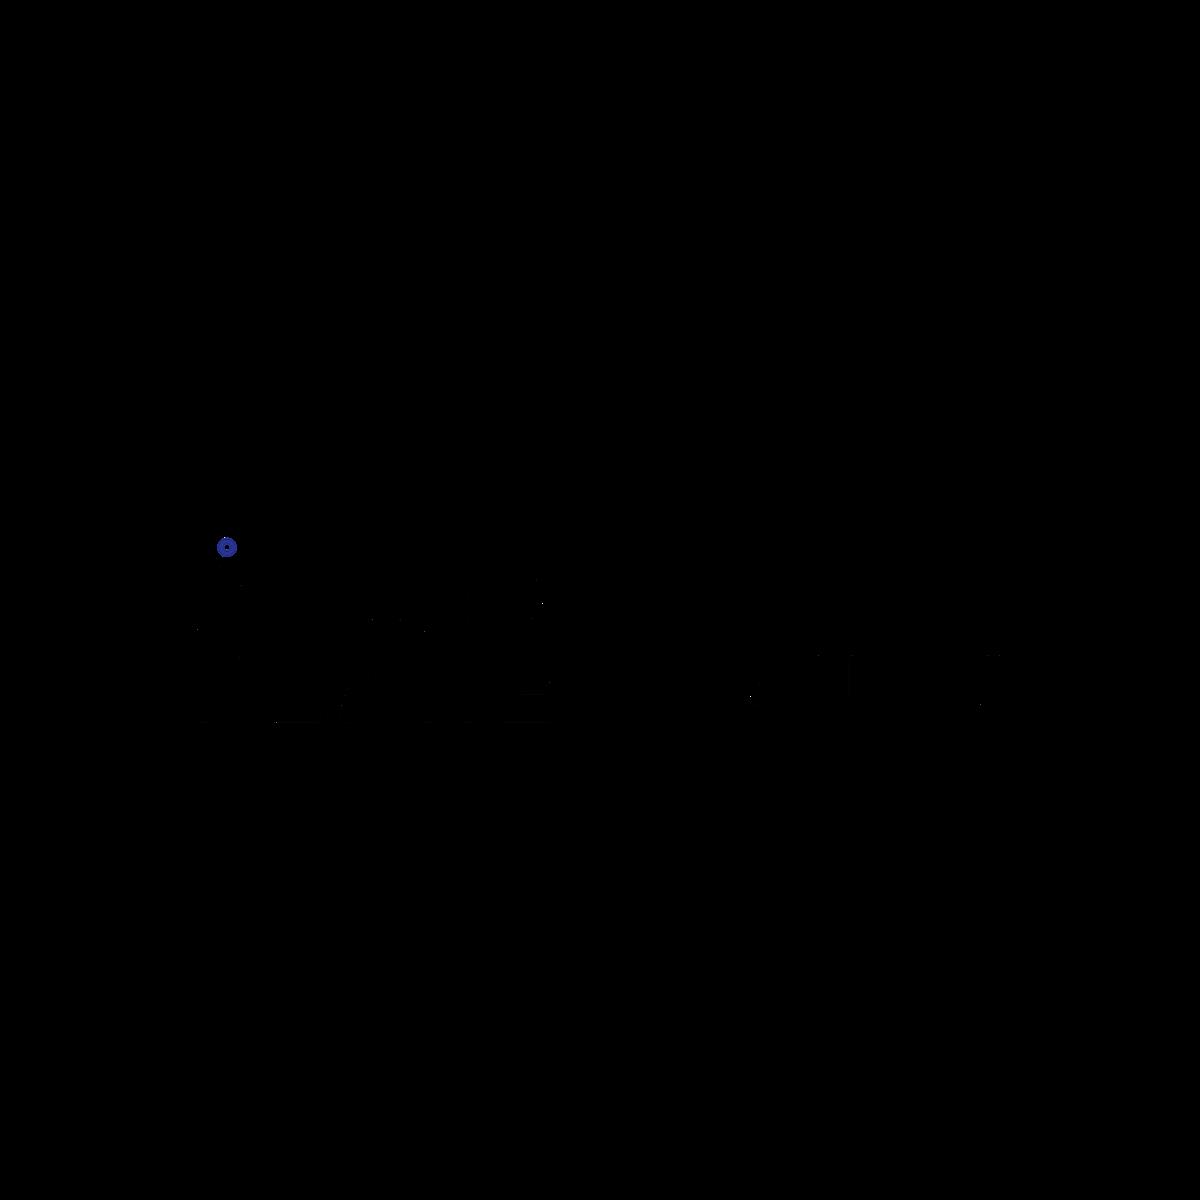 Adler Planetarium Rebrand on Behance